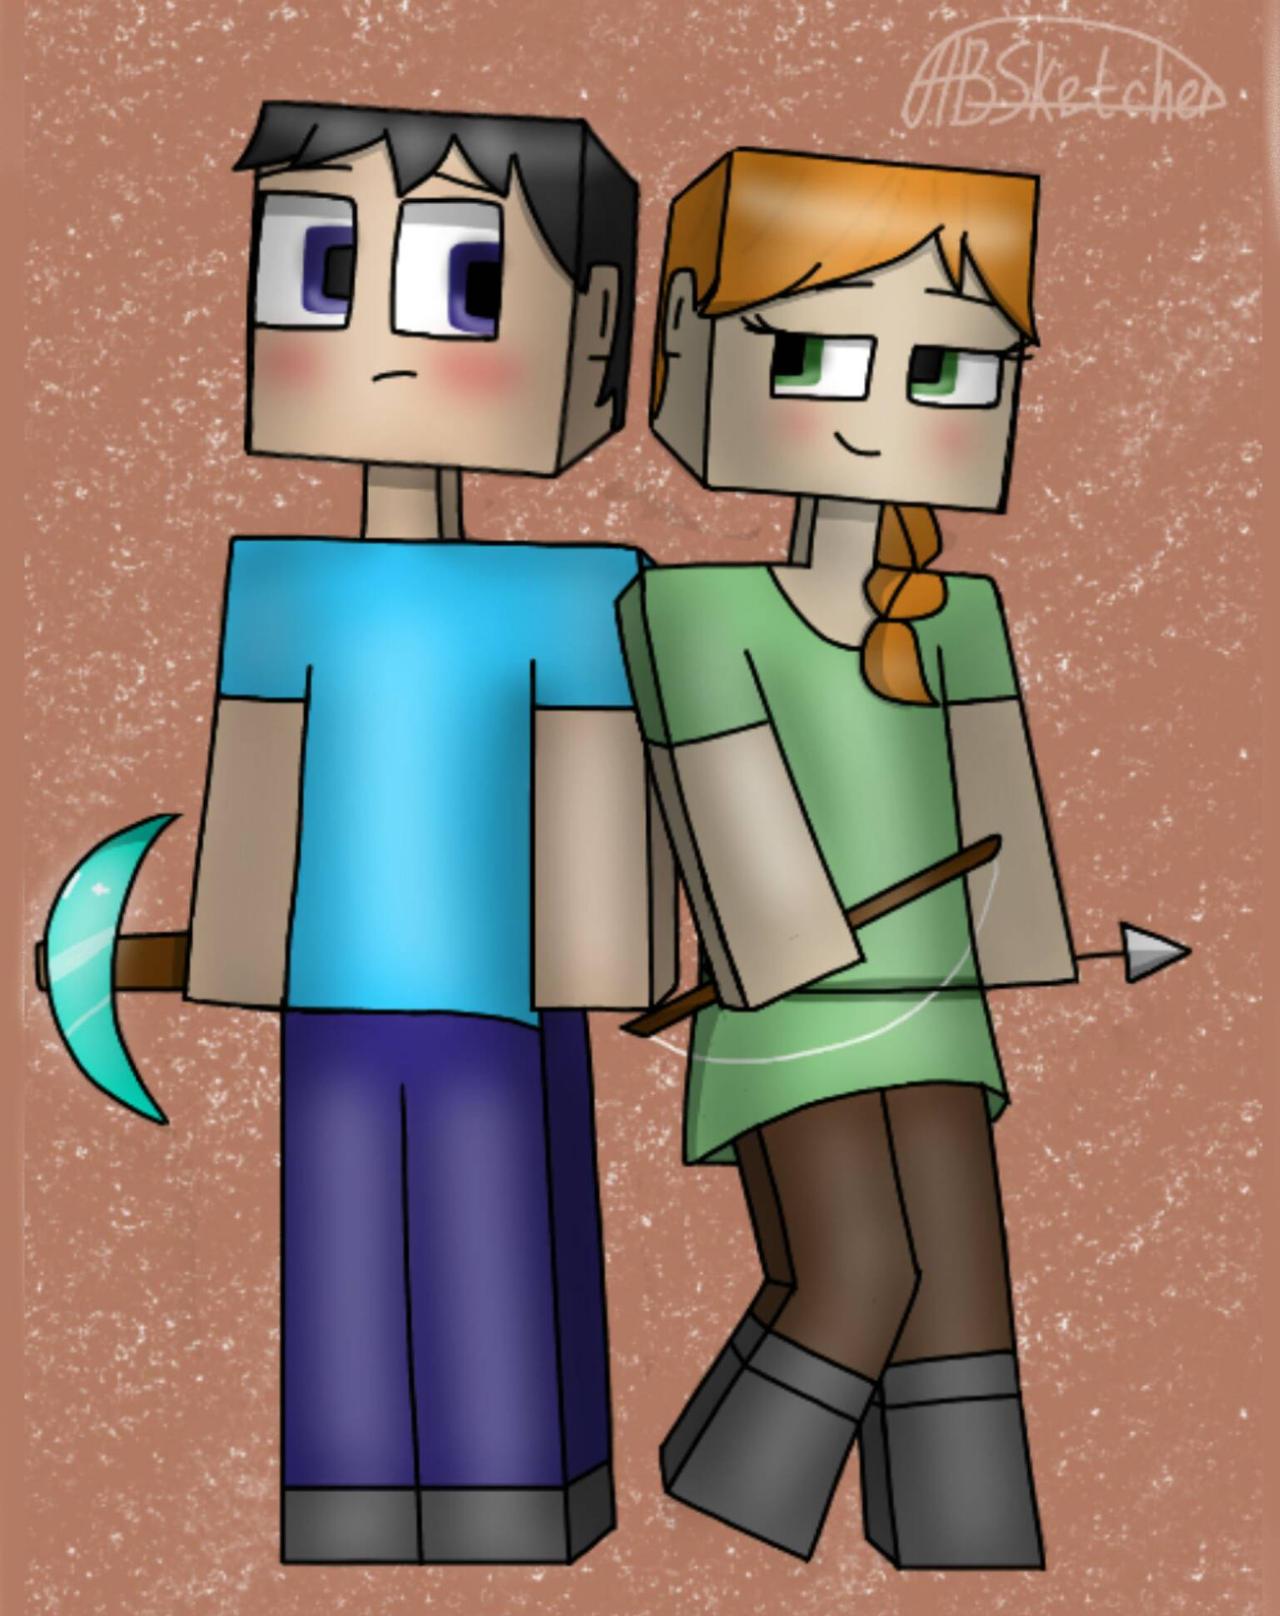 Minecraft - Steve and Alex by nemaele on DeviantArt